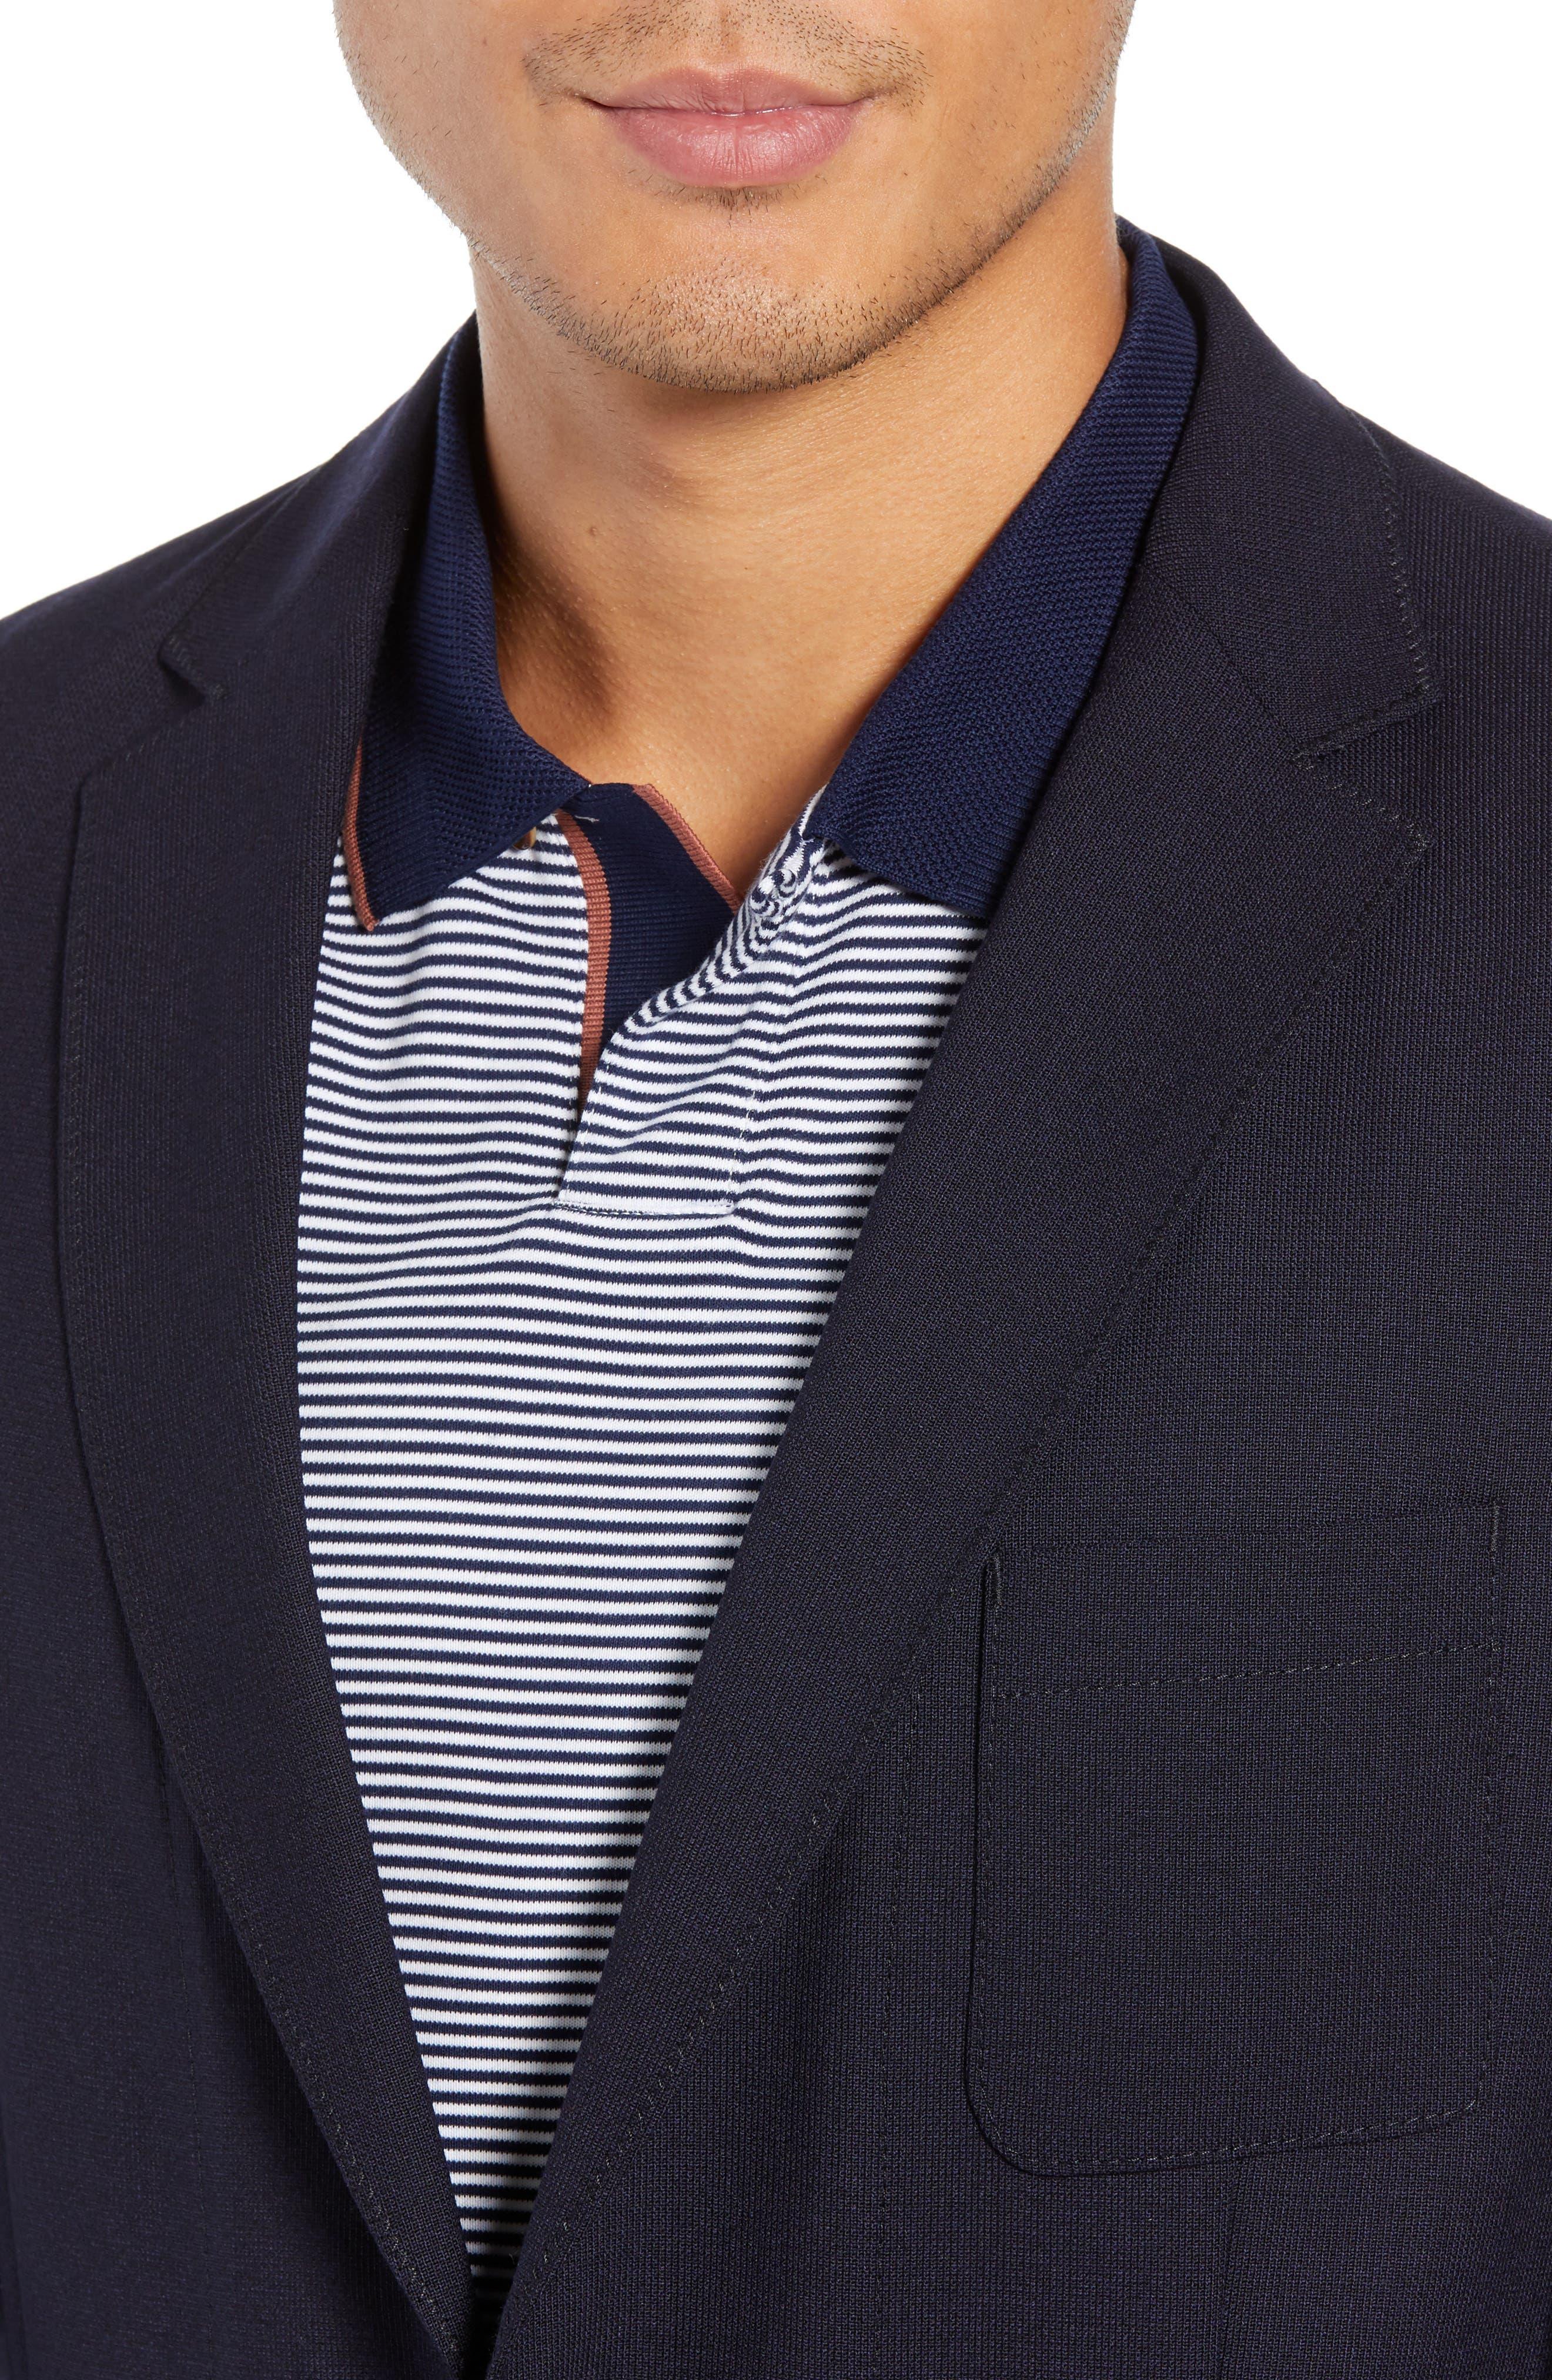 Noswen Slim Fit Sport Coat,                             Alternate thumbnail 4, color,                             BLUE